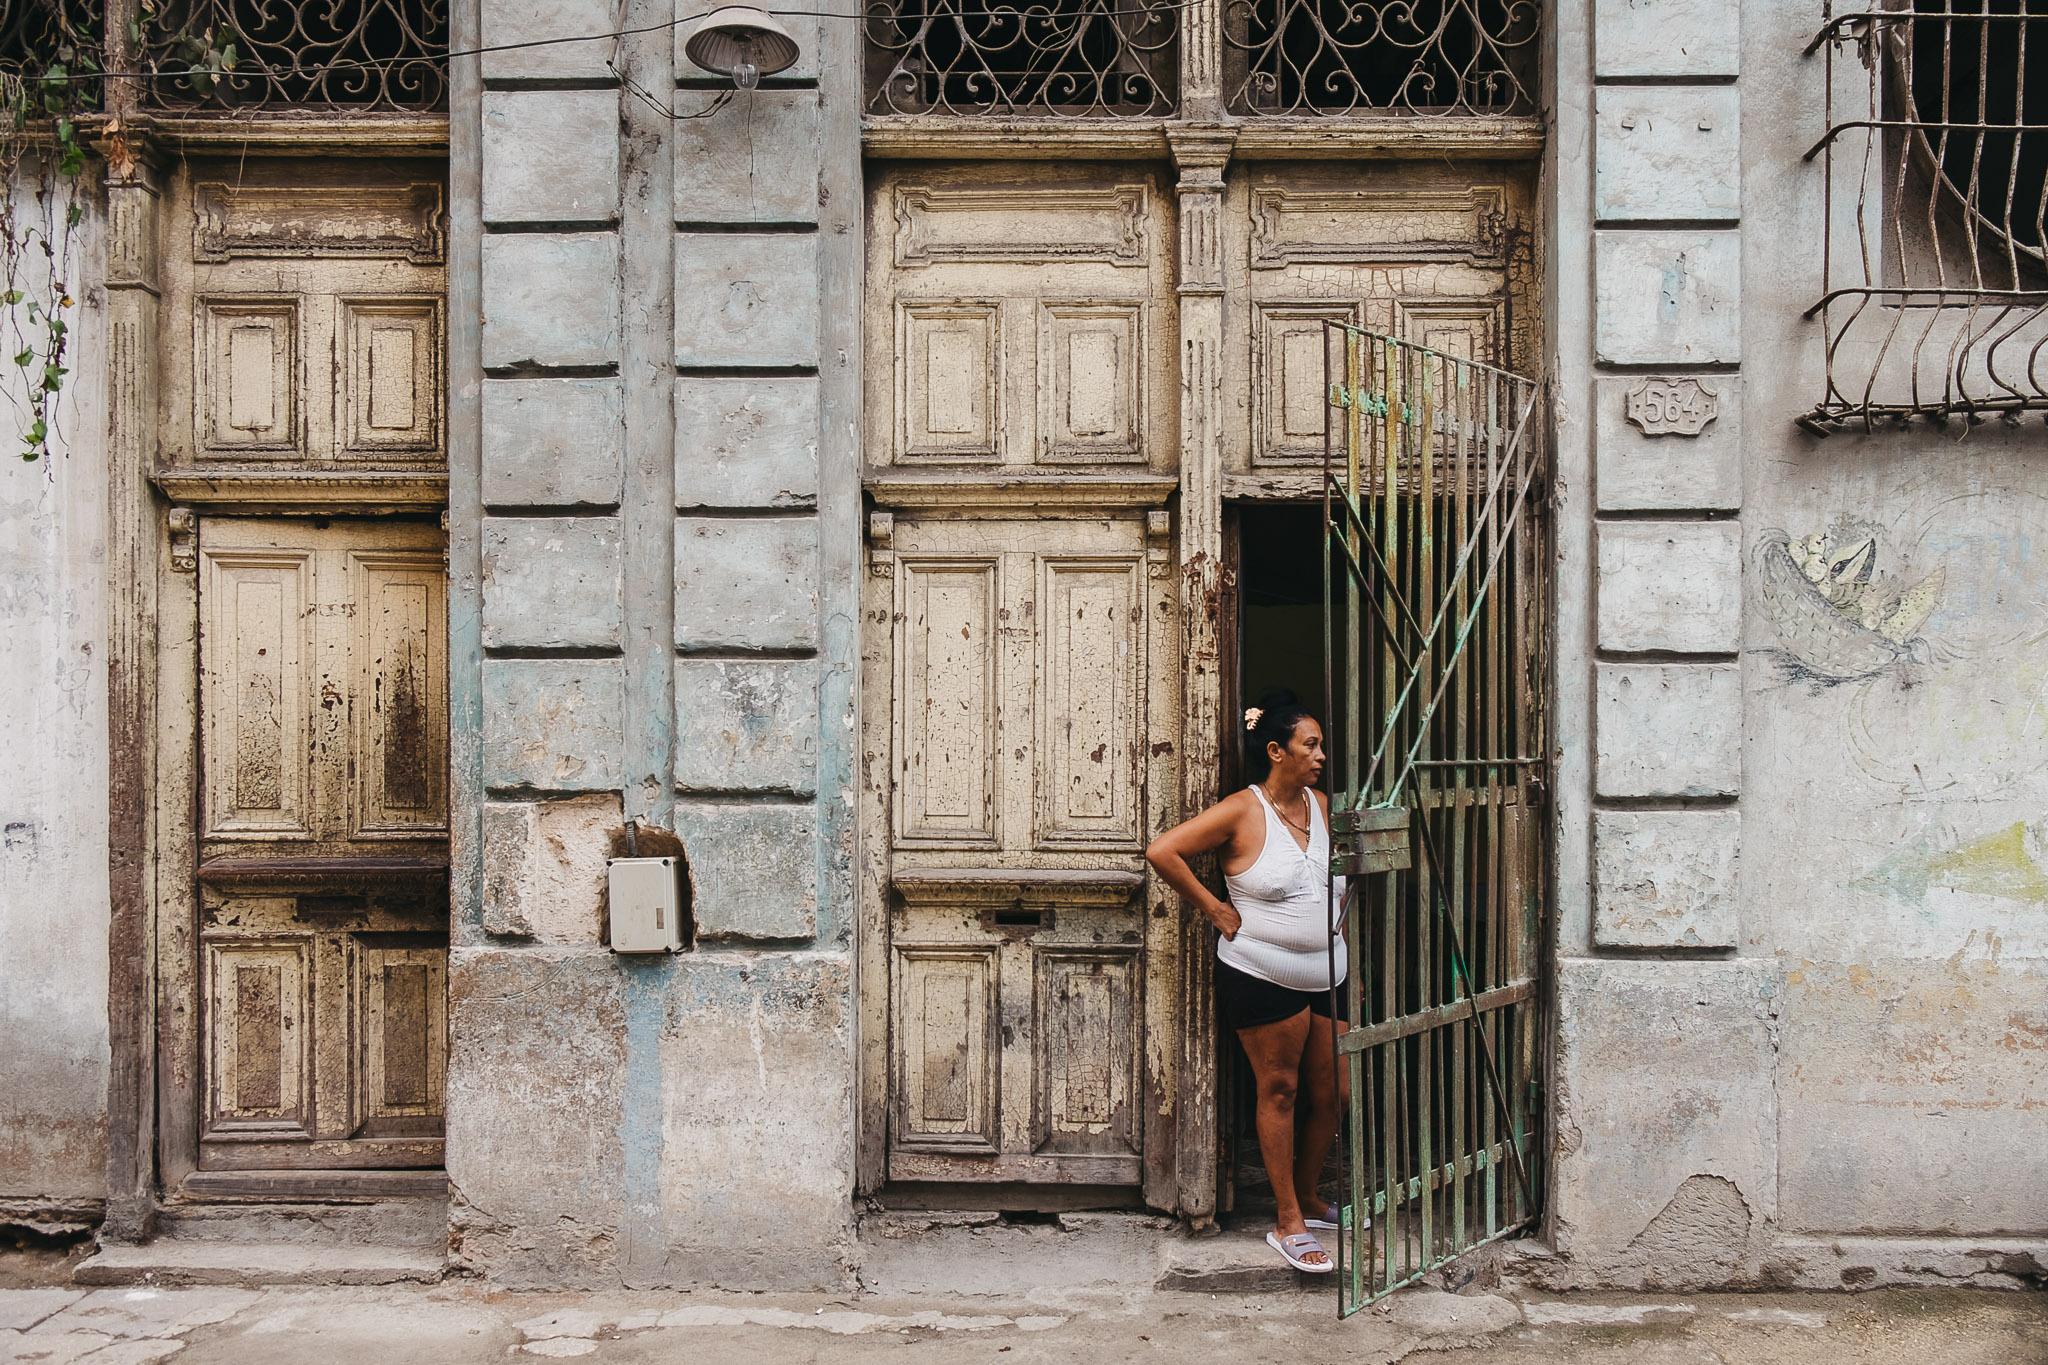 Cuba-2017-12-Havana-0092.jpg